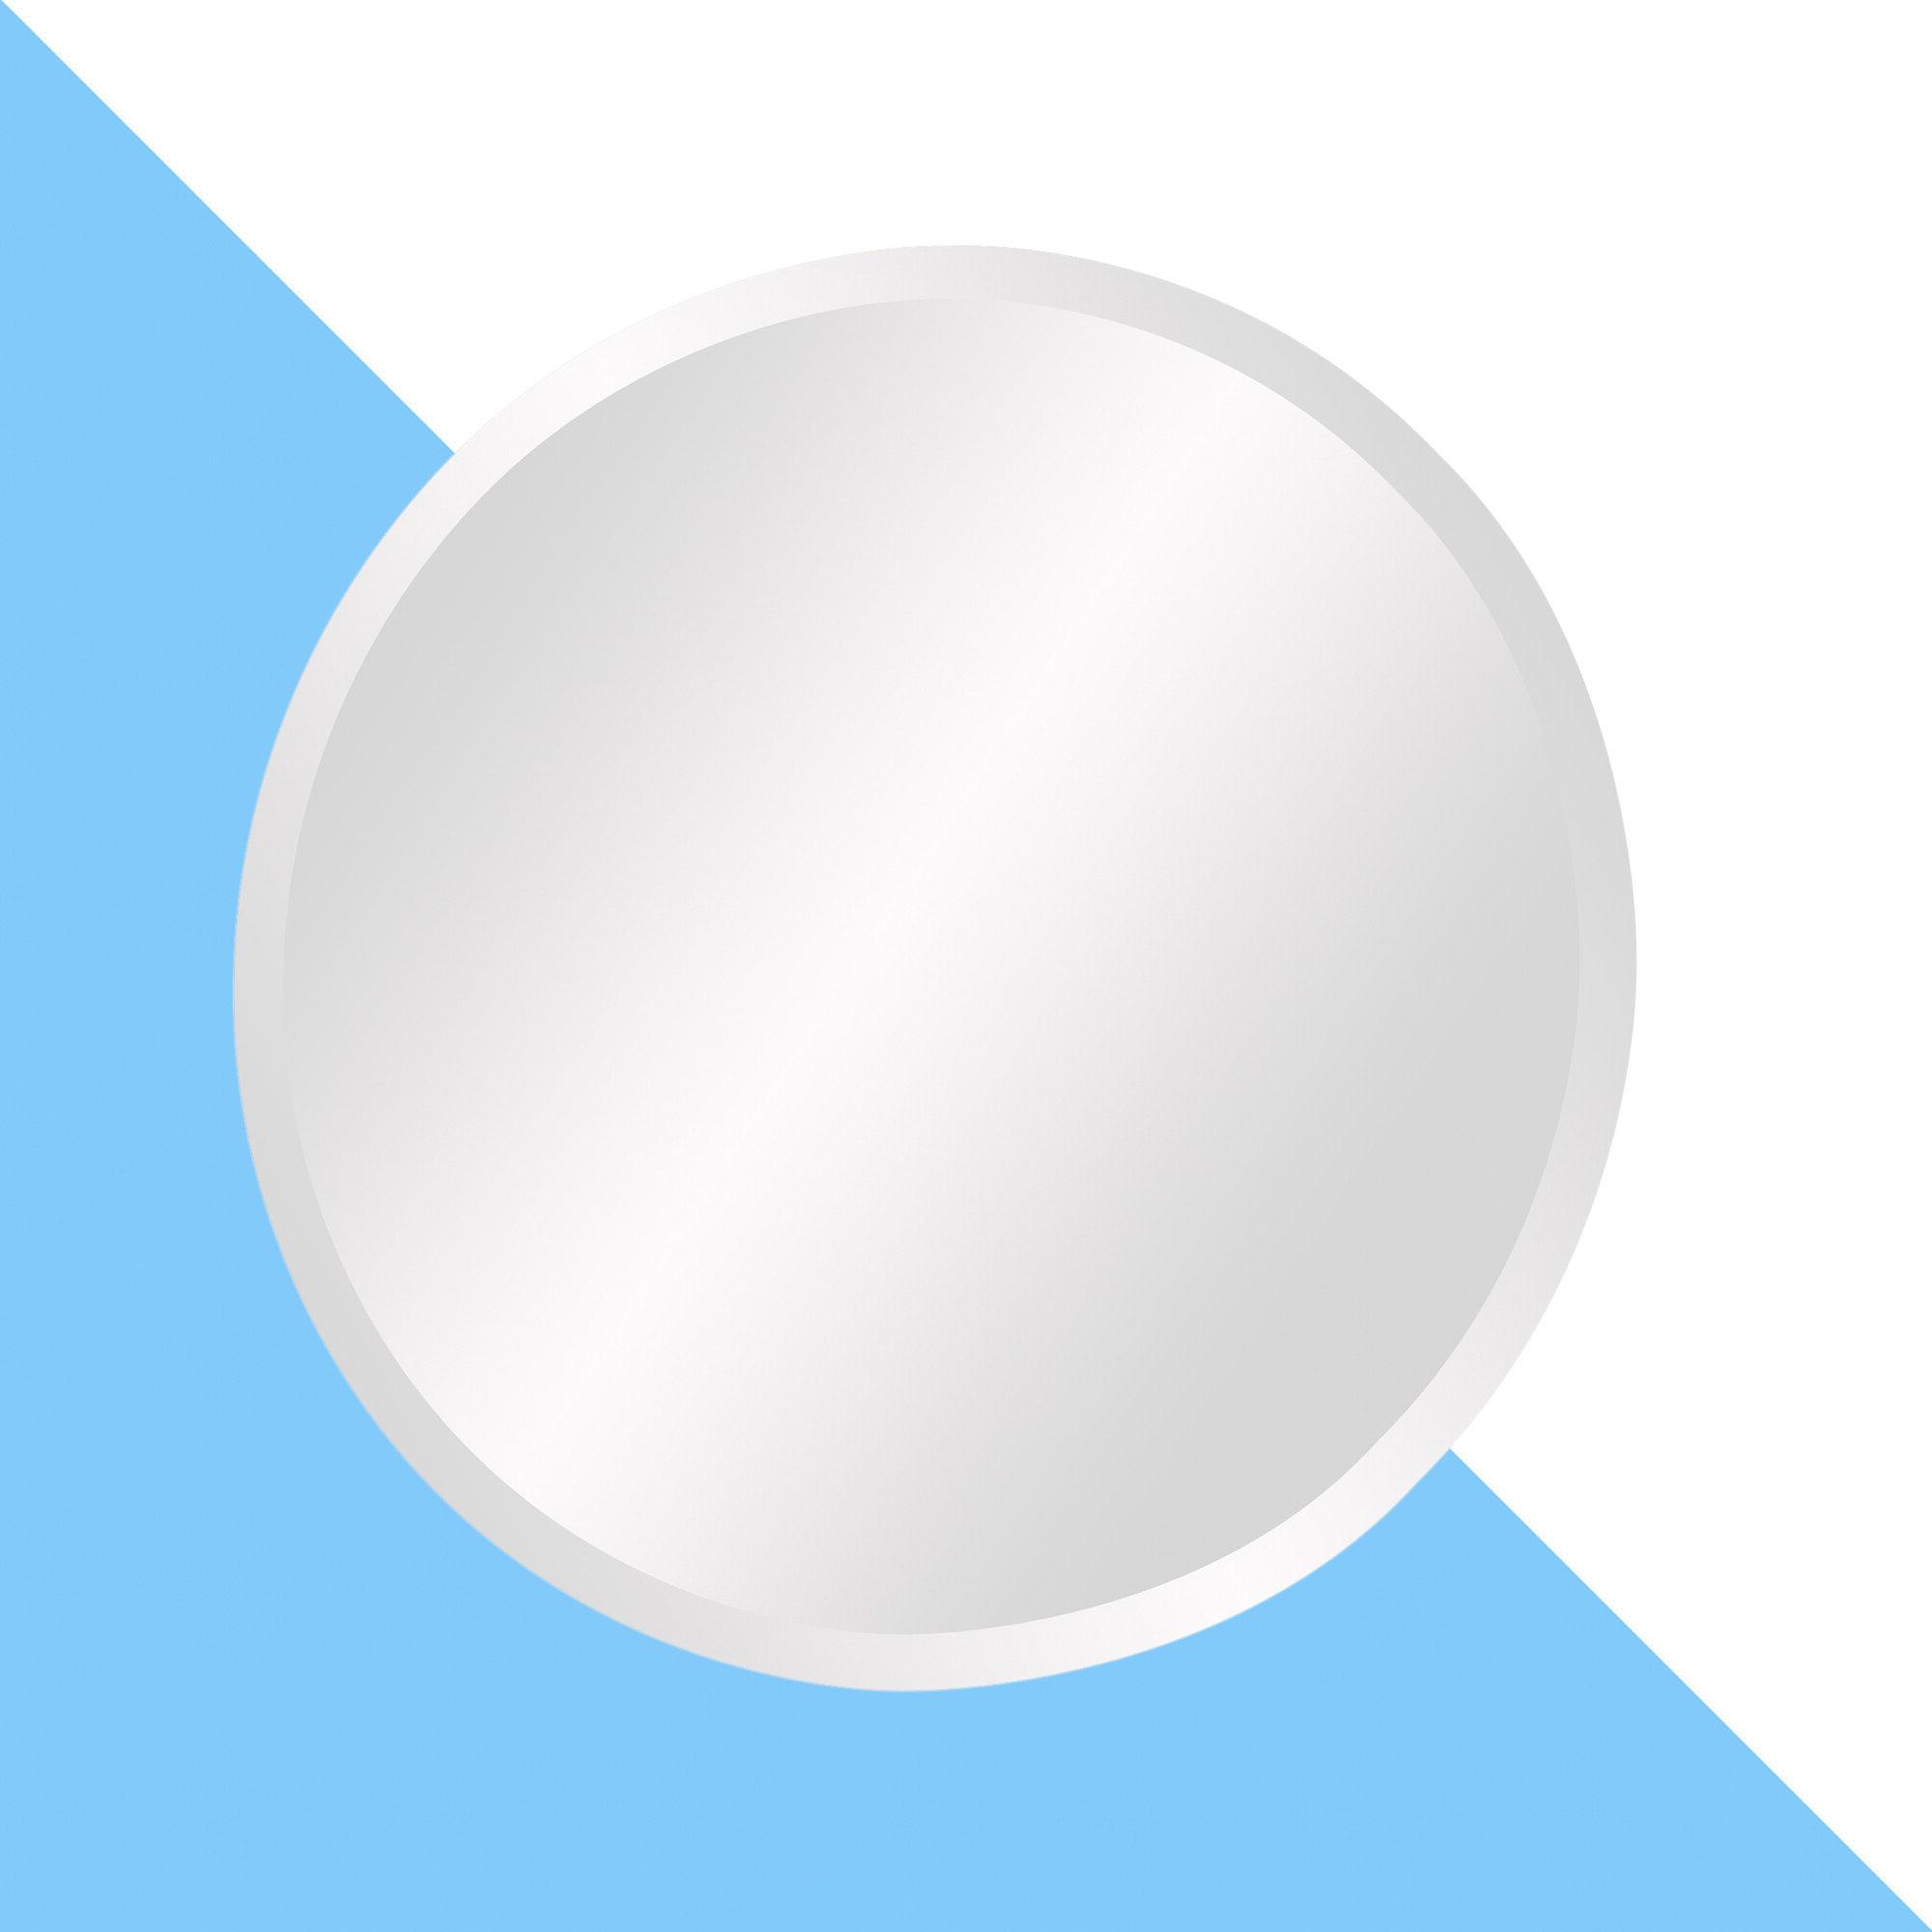 Trendy Celeste Frameless Round Wall Mirrors Intended For Celeste Frameless Round Wall Mirror (View 4 of 20)